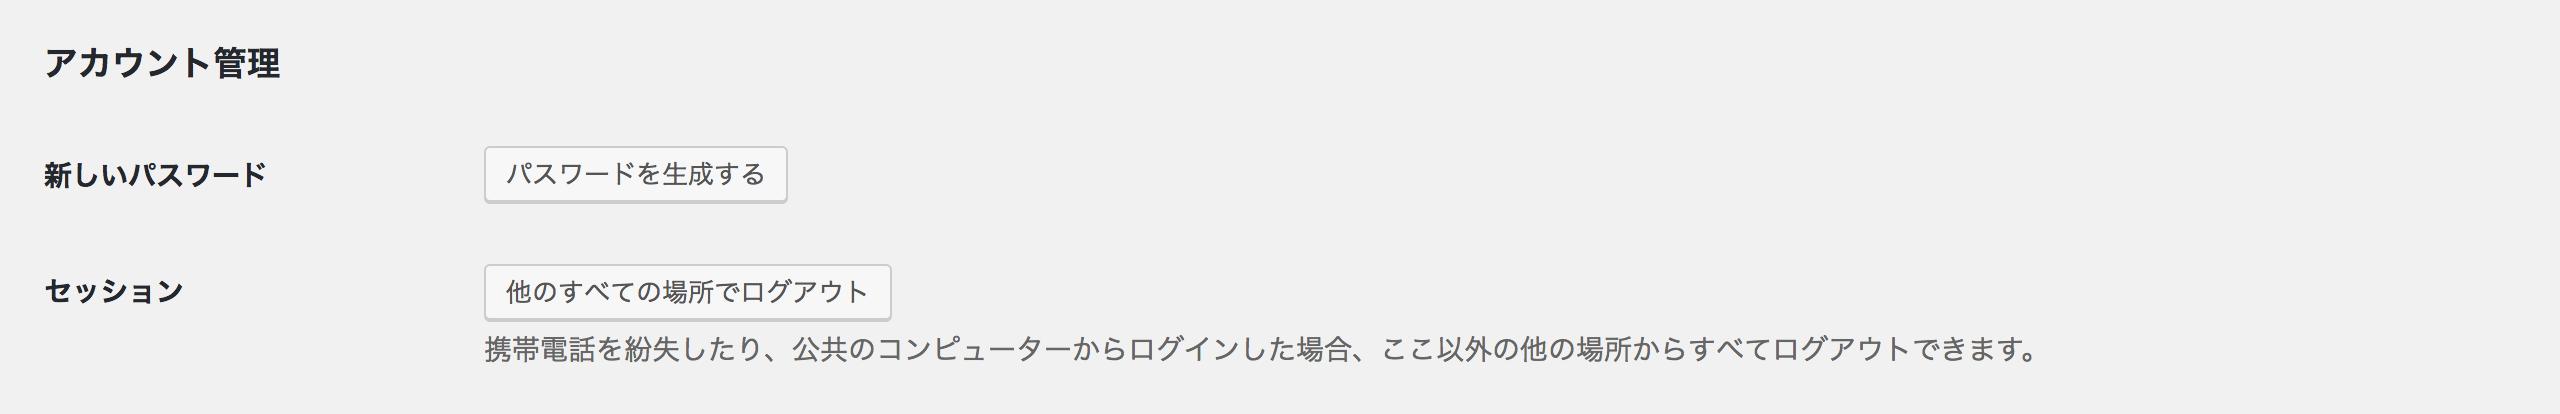 ユーザー編集 アカウント管理